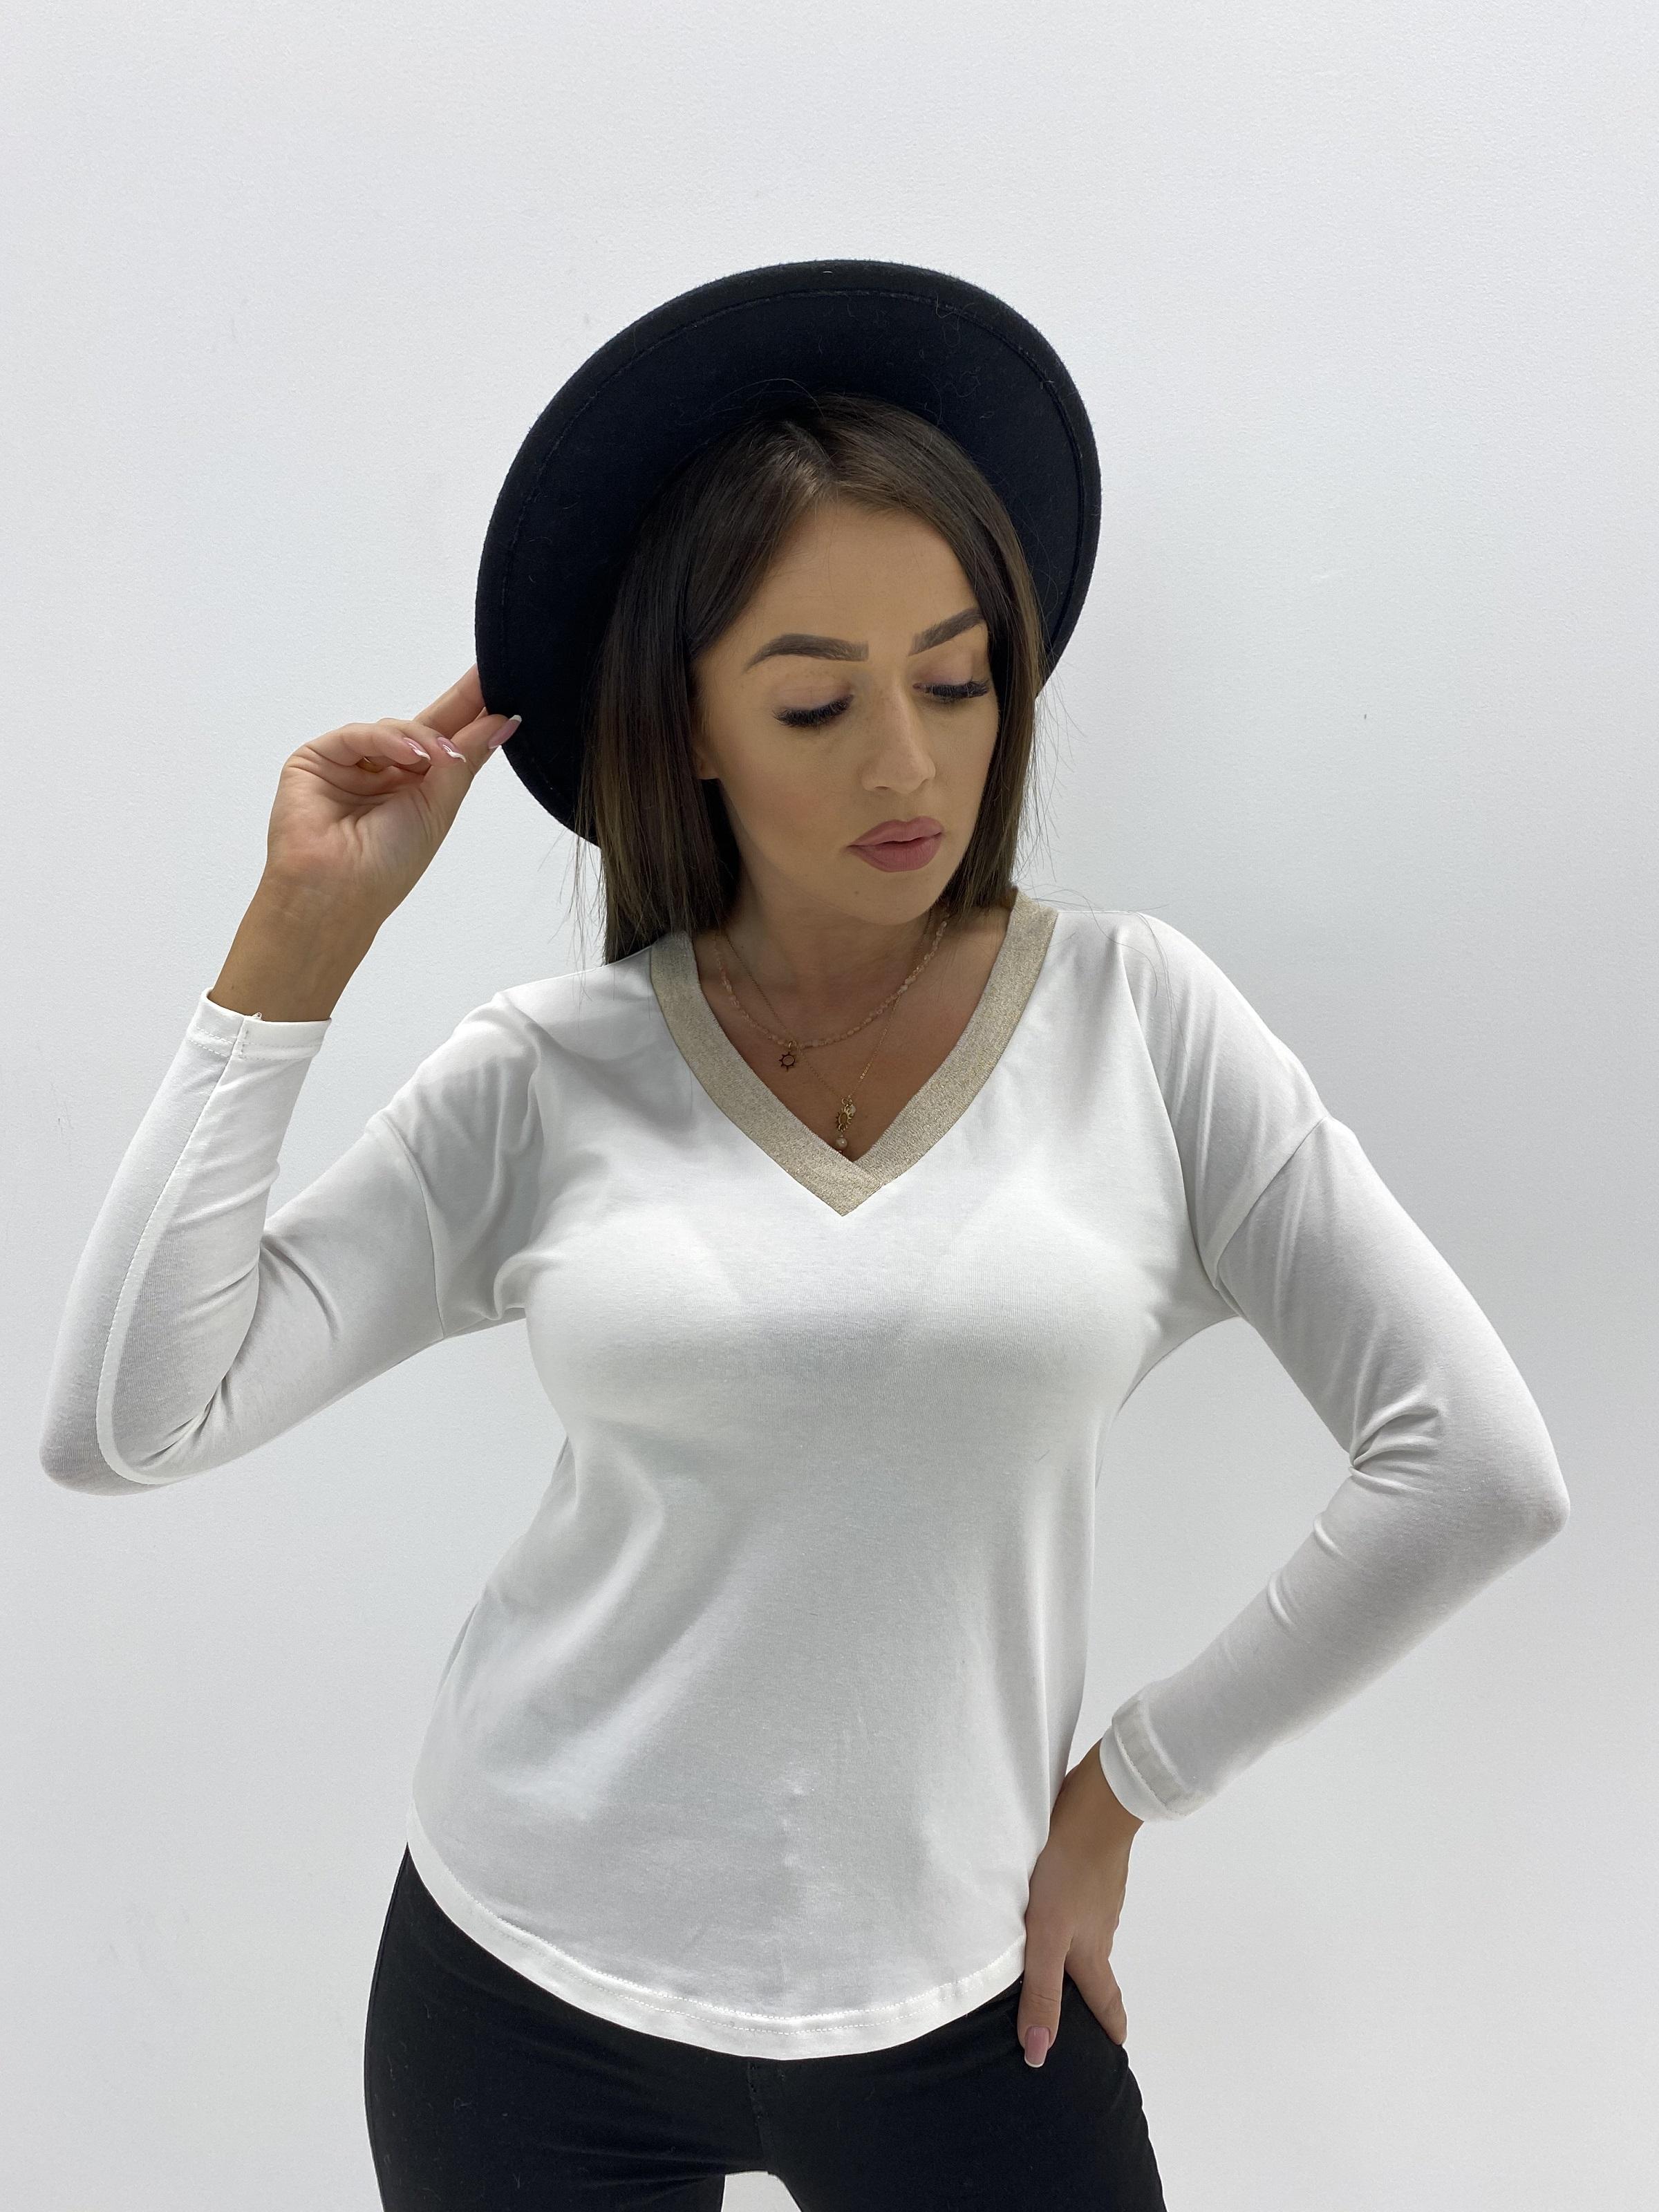 Biele tričko s dlhým rukávom - S/M